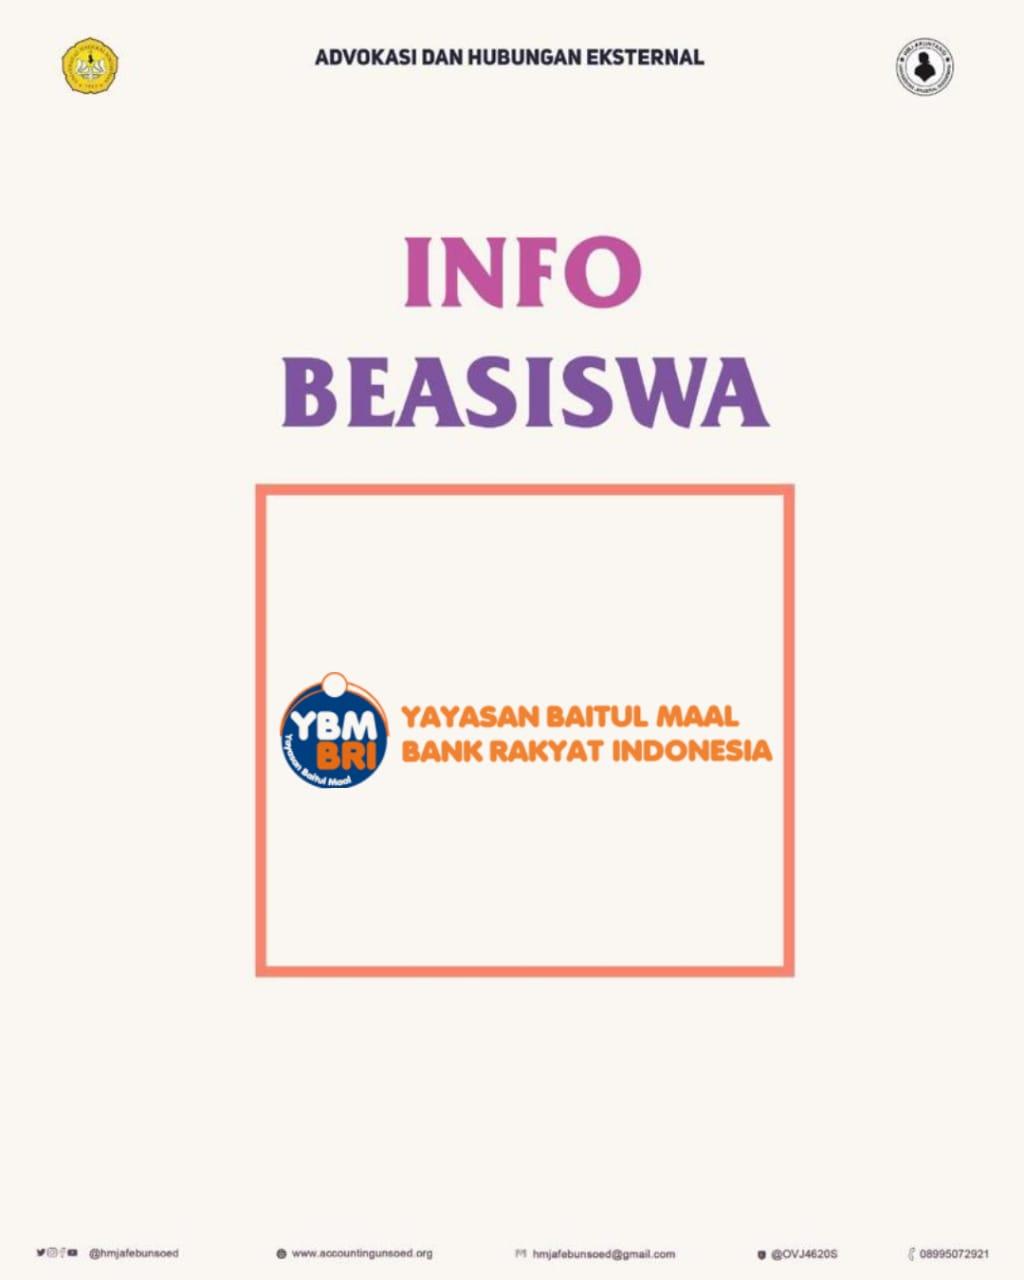 YBM BRI (Info Beasiswa)